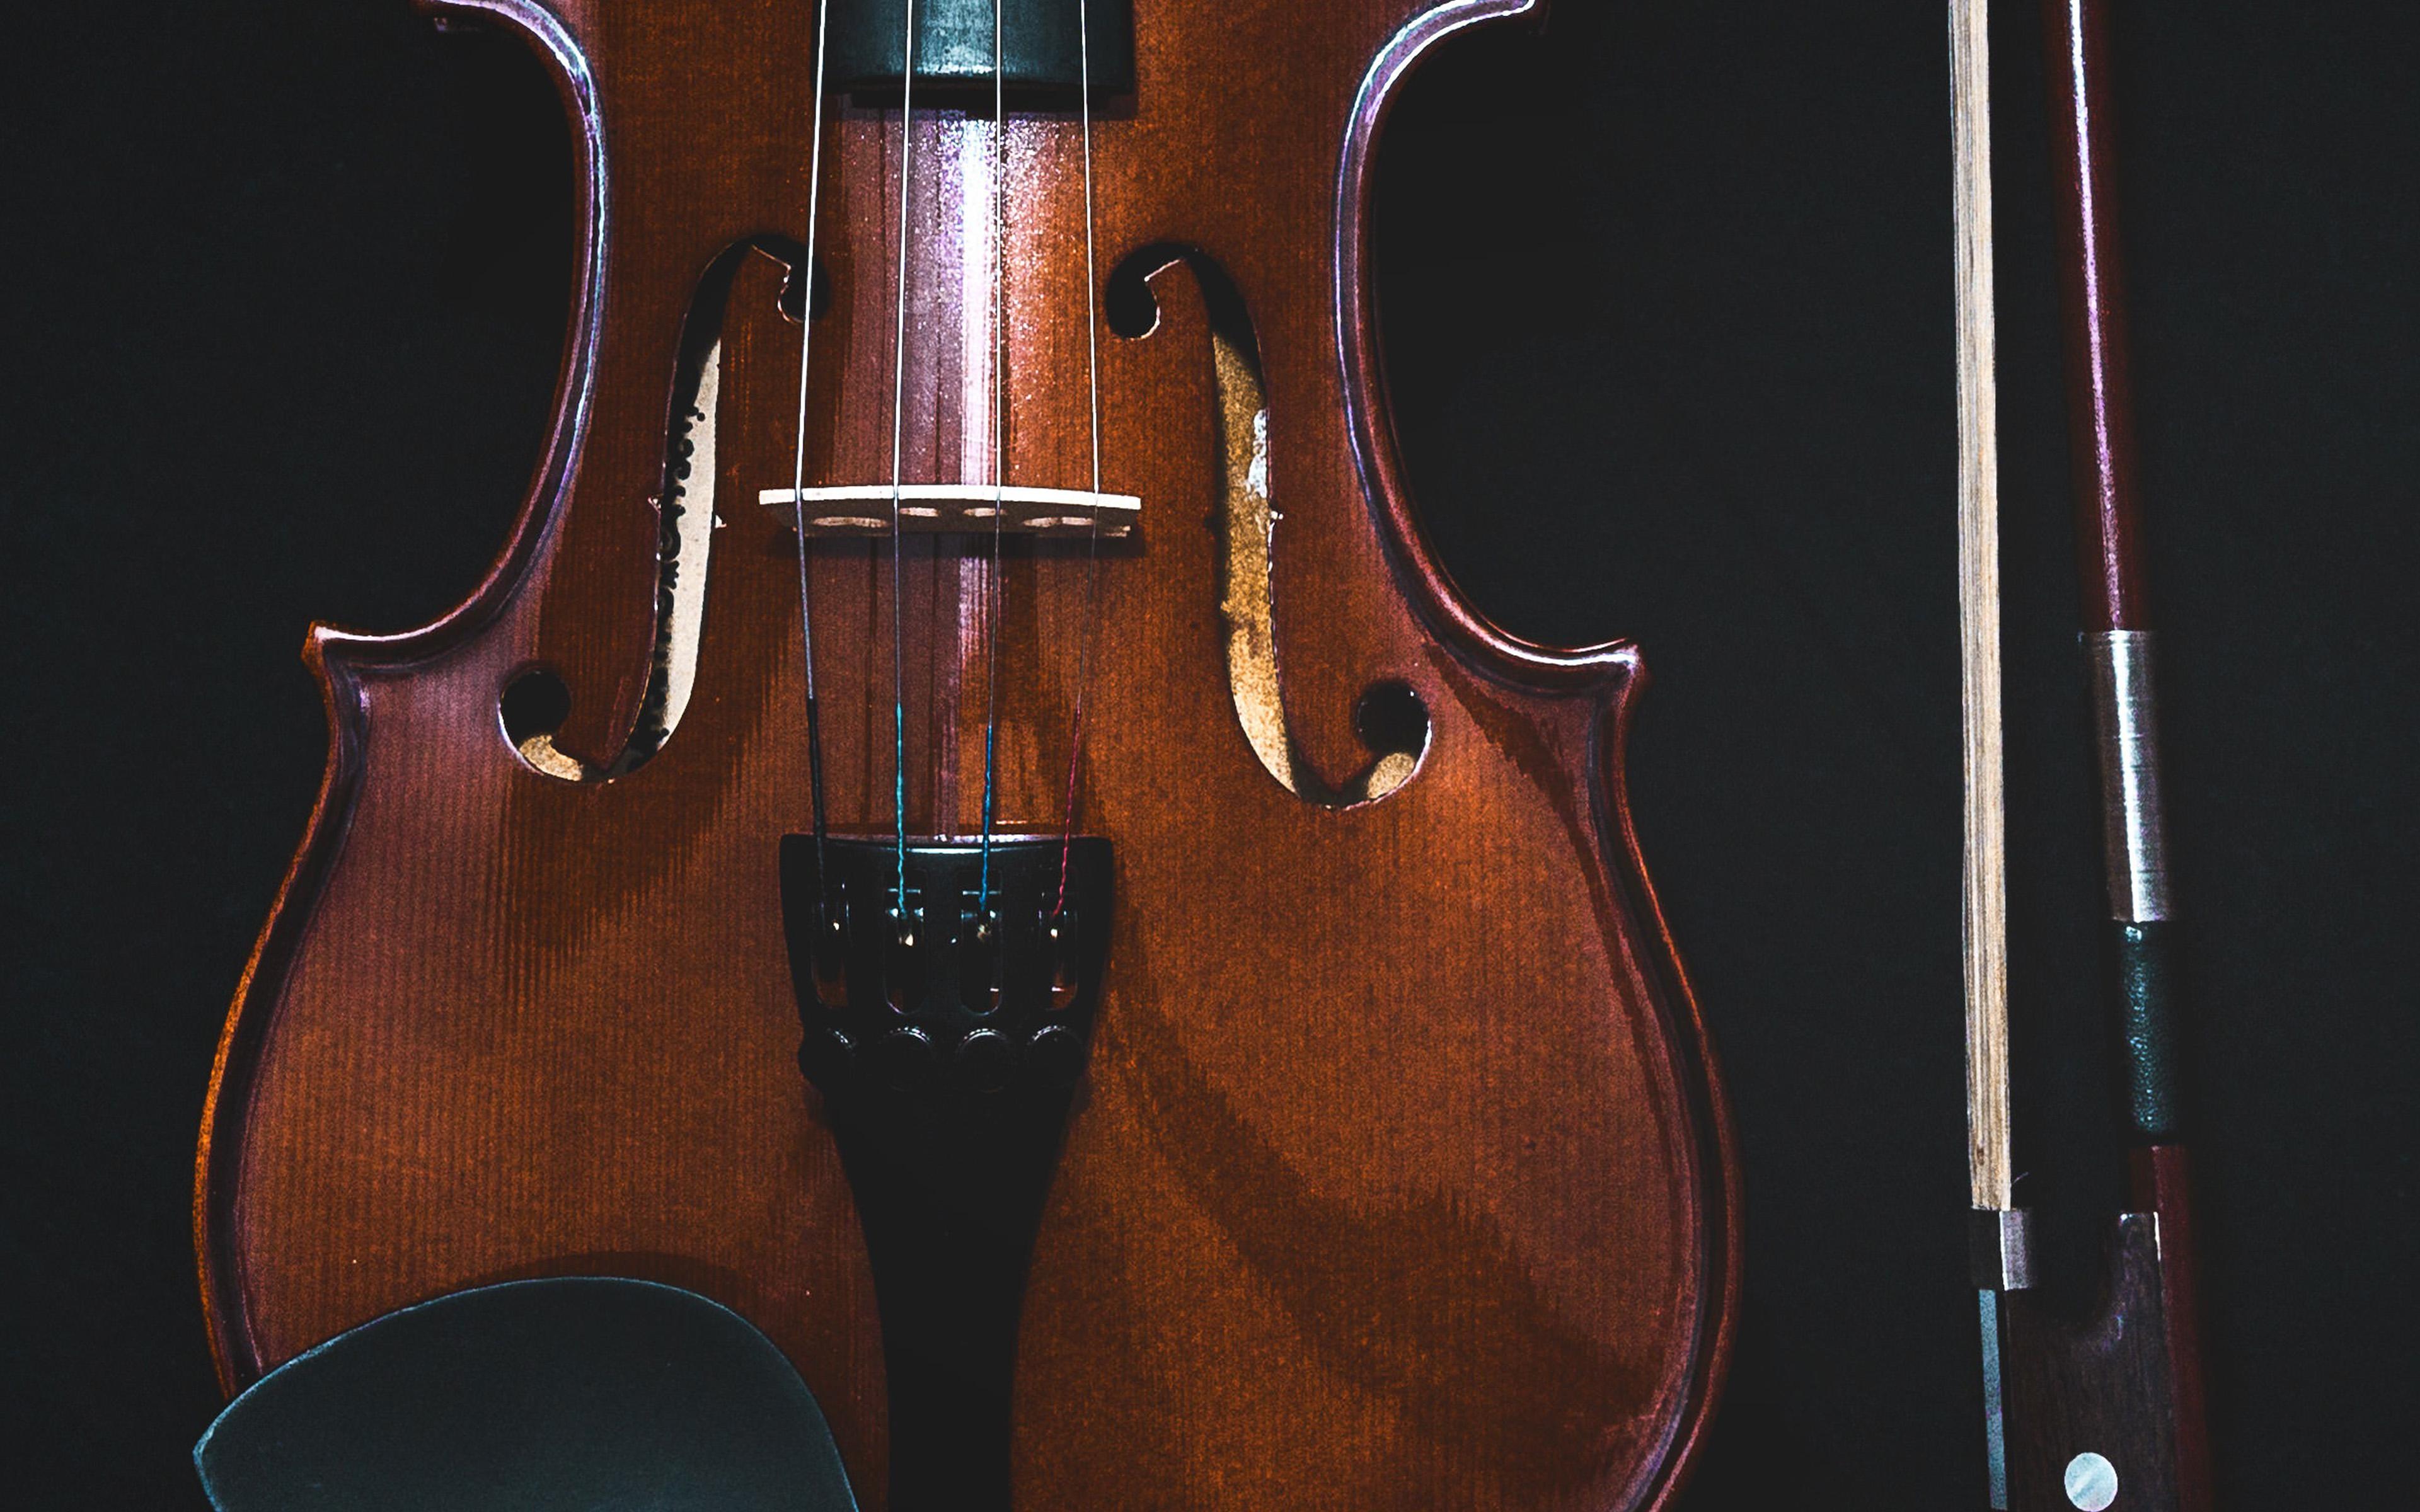 Cello Wallpaper Photo 22287 Hd Pictures: Nm15-violin-dark-instrument-wallpaper